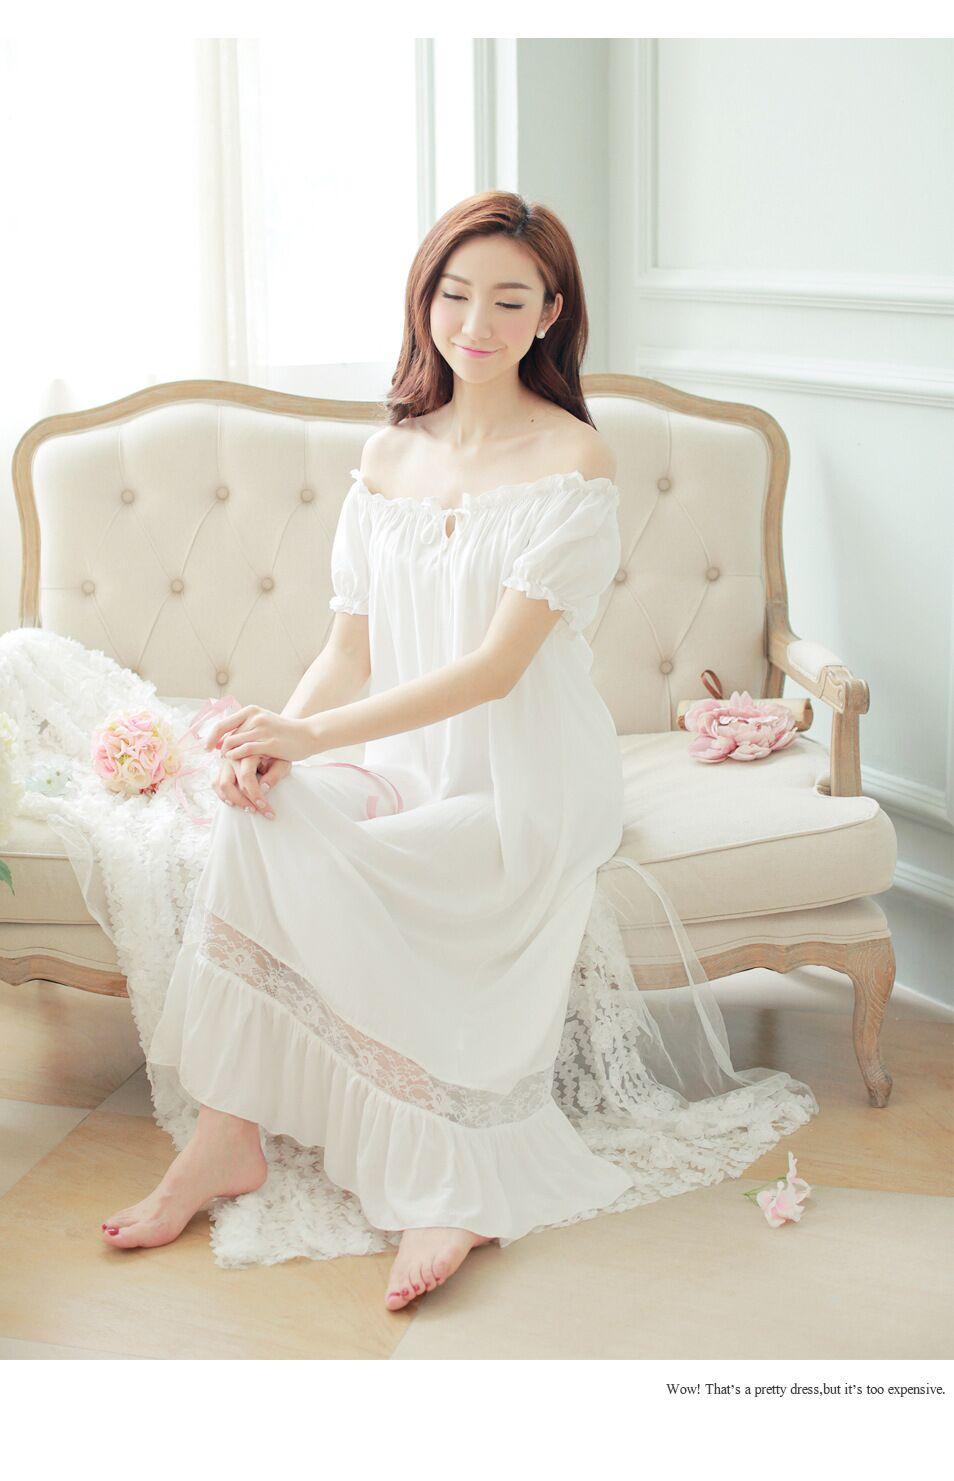 low priced 2fdd7 aecb4 2018 Frauen Nachthemden Lolita Cotton Home Kleidung lange Nachthemd Spitze  Rüschen Nachtwäsche Homewear Vintage Prinzessin Sleep